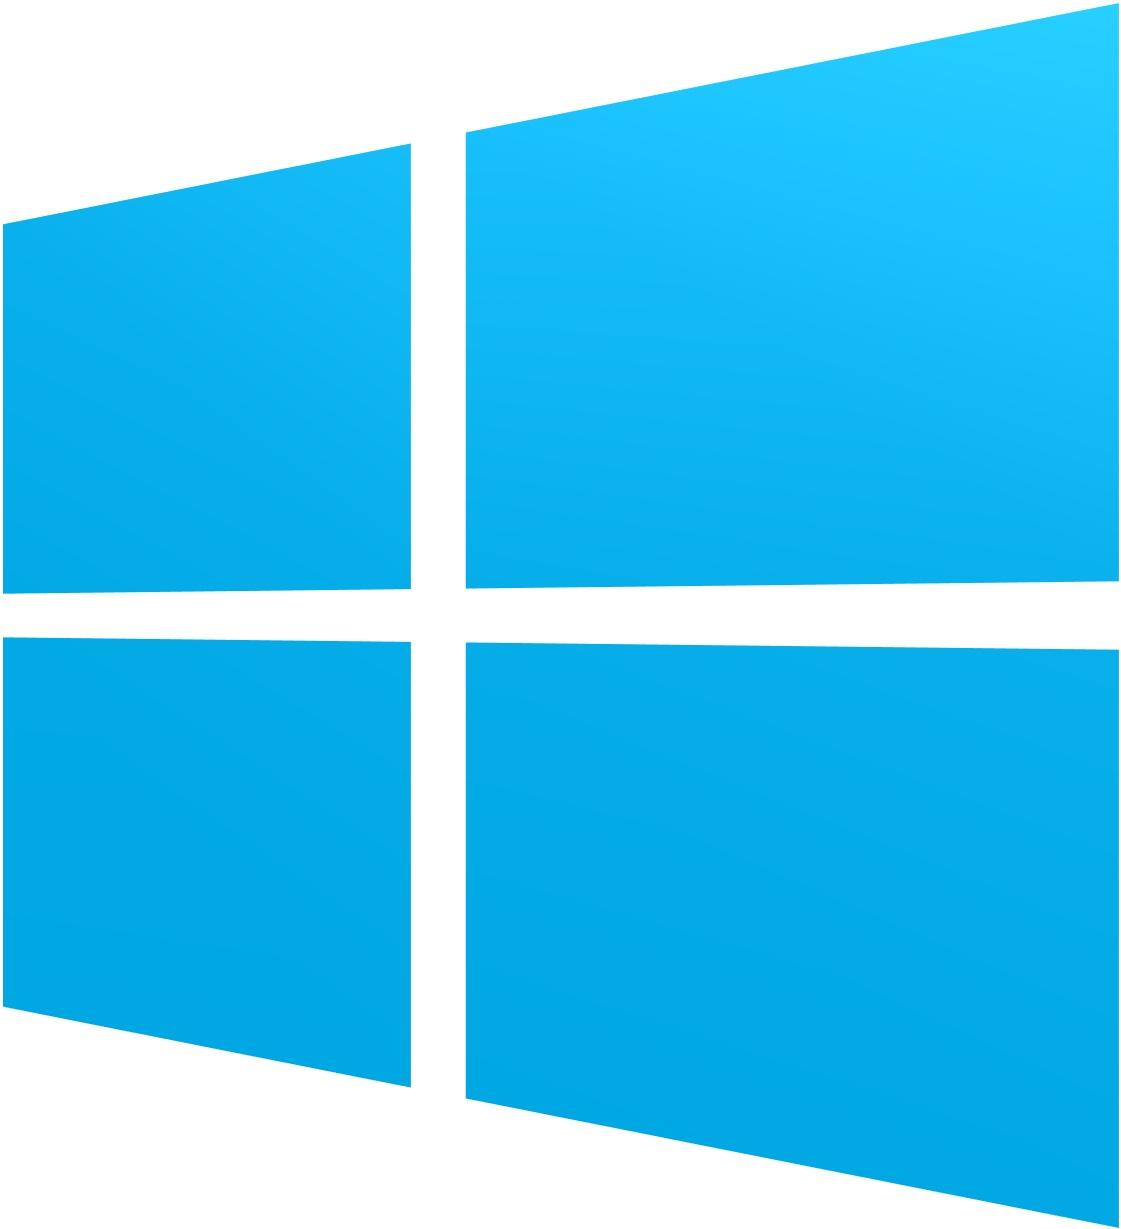 Sağlık Sektöründe Windows 8'e Yer Var mı?